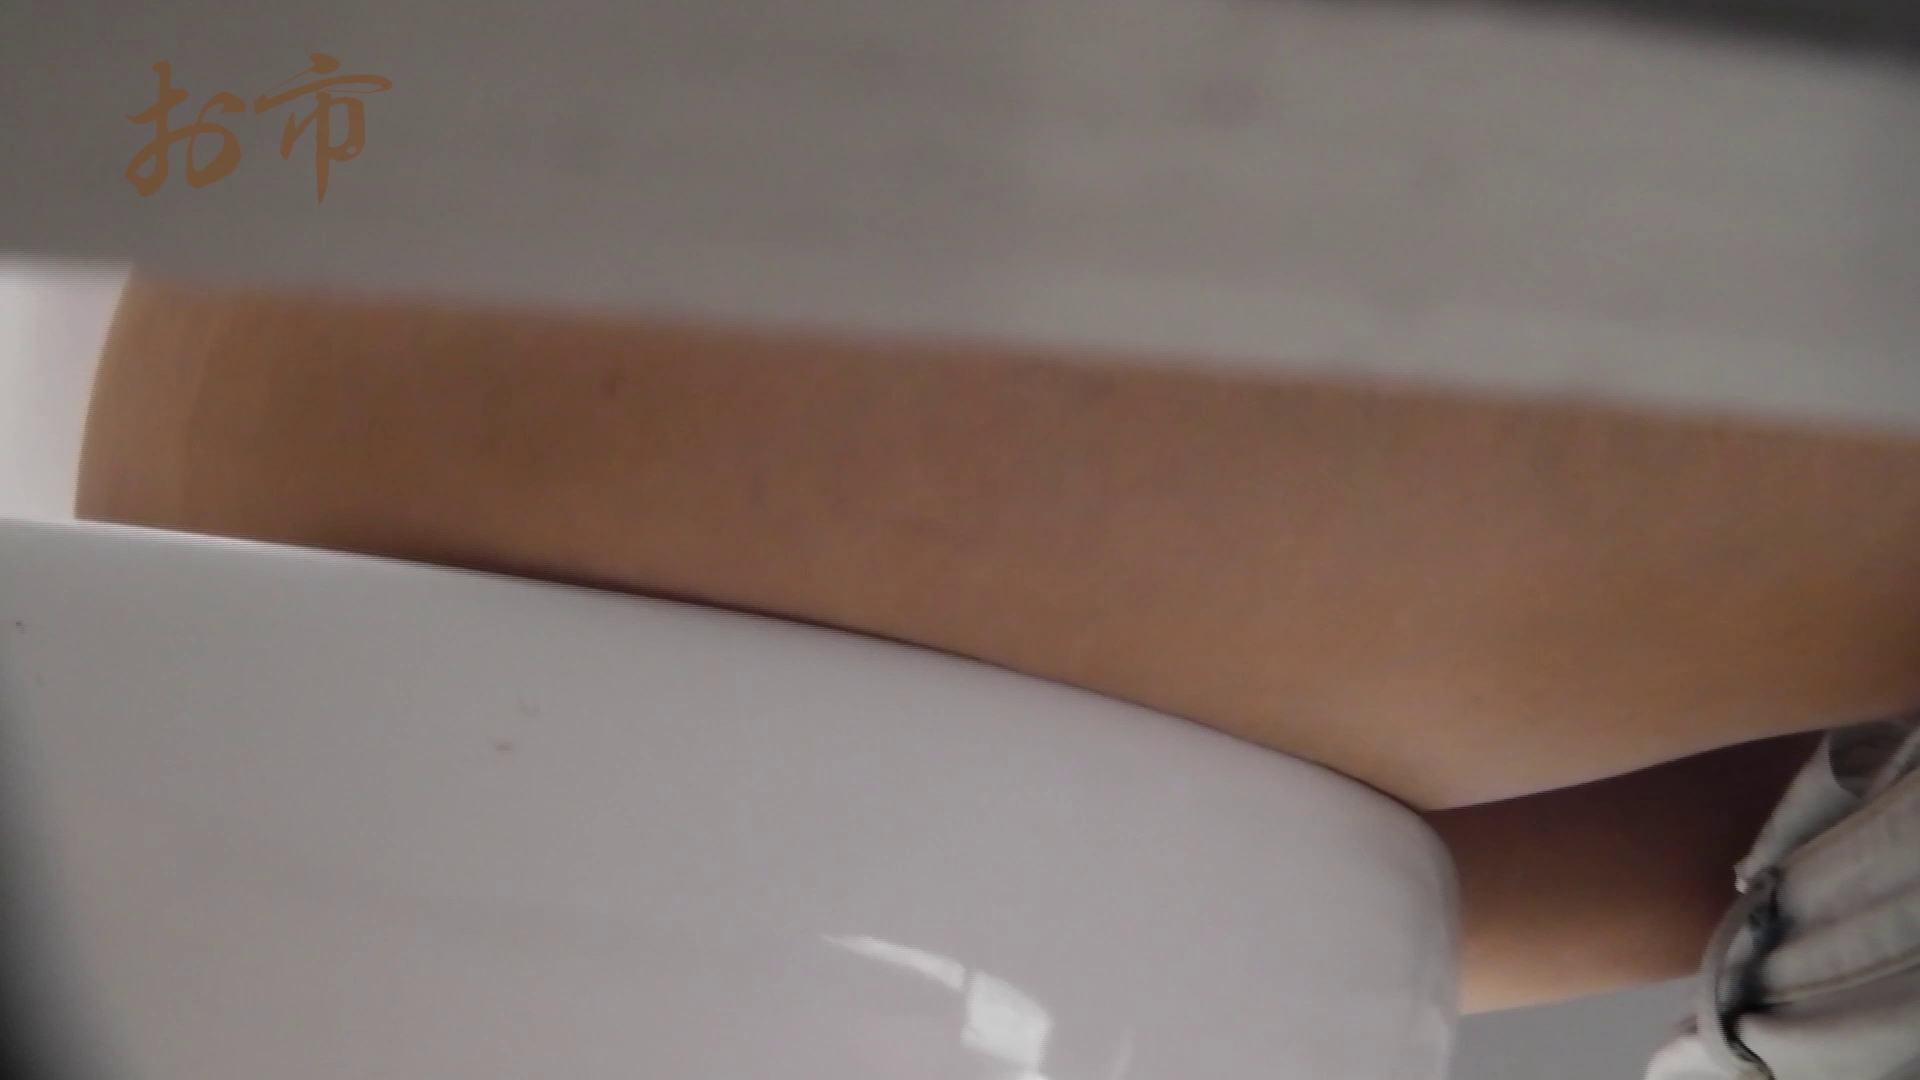 潜入!!台湾名門女学院 Vol.12 長身モデル驚き見たことないシチュエーション 美女 | モデルエロ映像  101pic 41